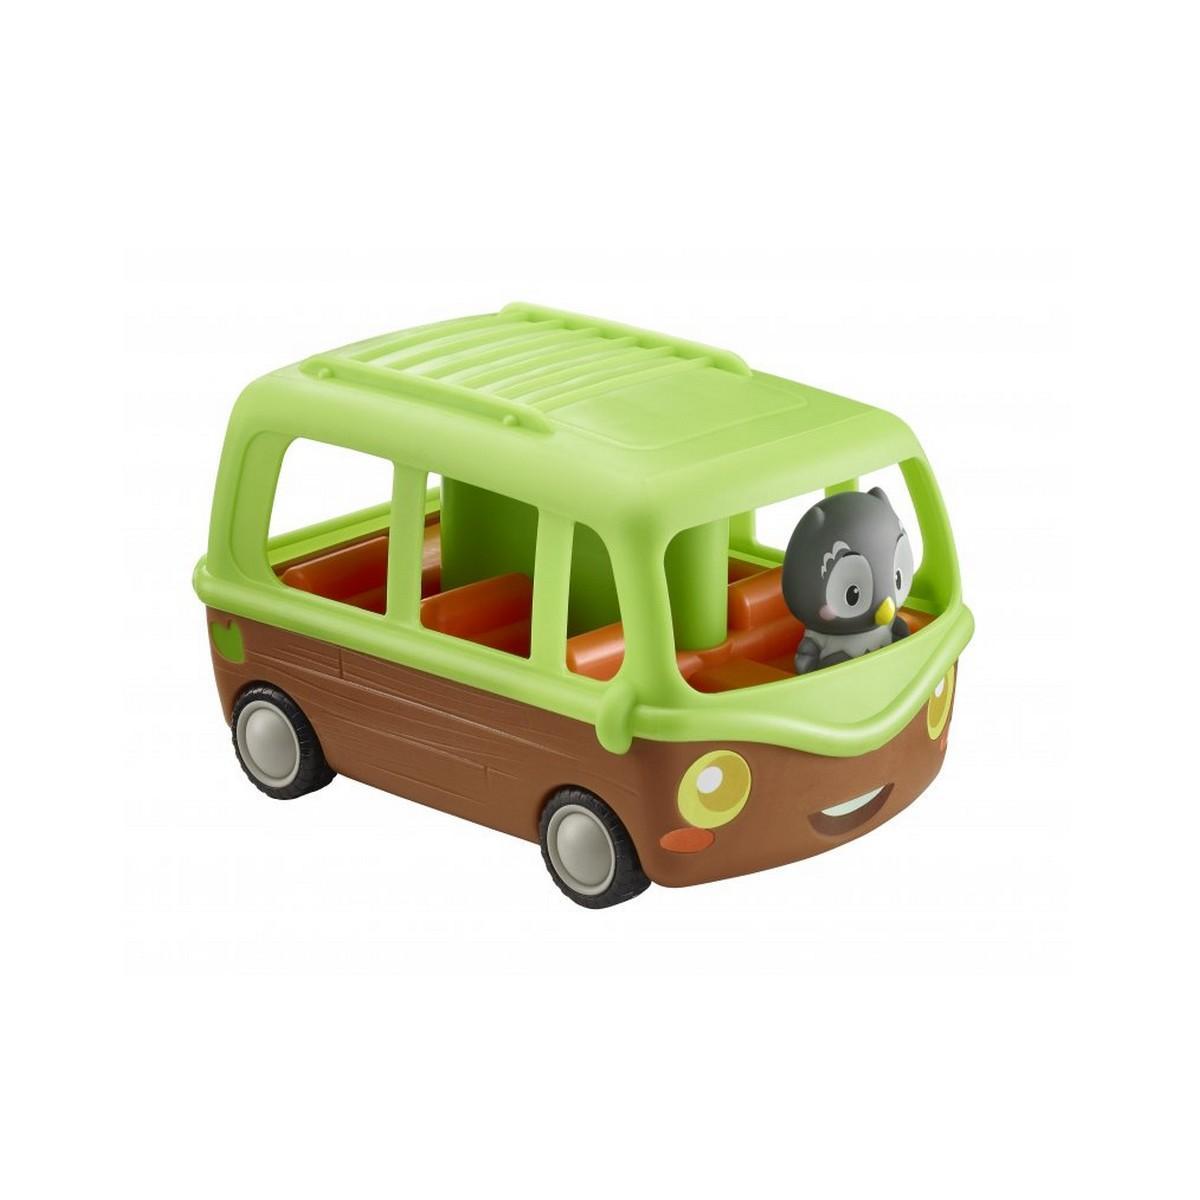 Le bus aventure Klorofil + 1 personnage